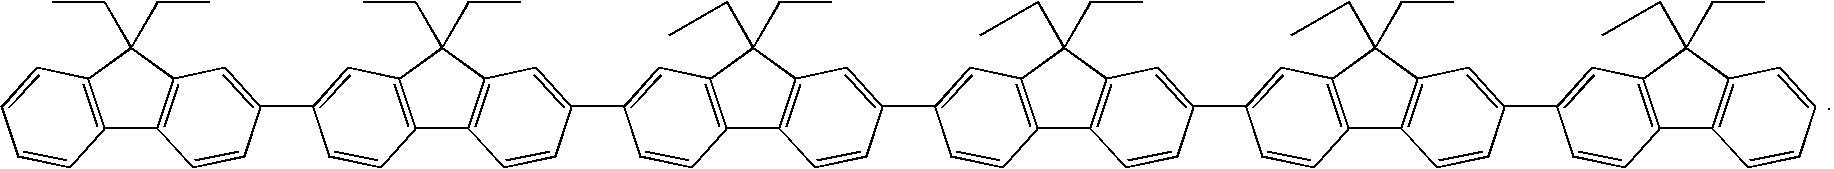 Figure US08263235-20120911-C00010